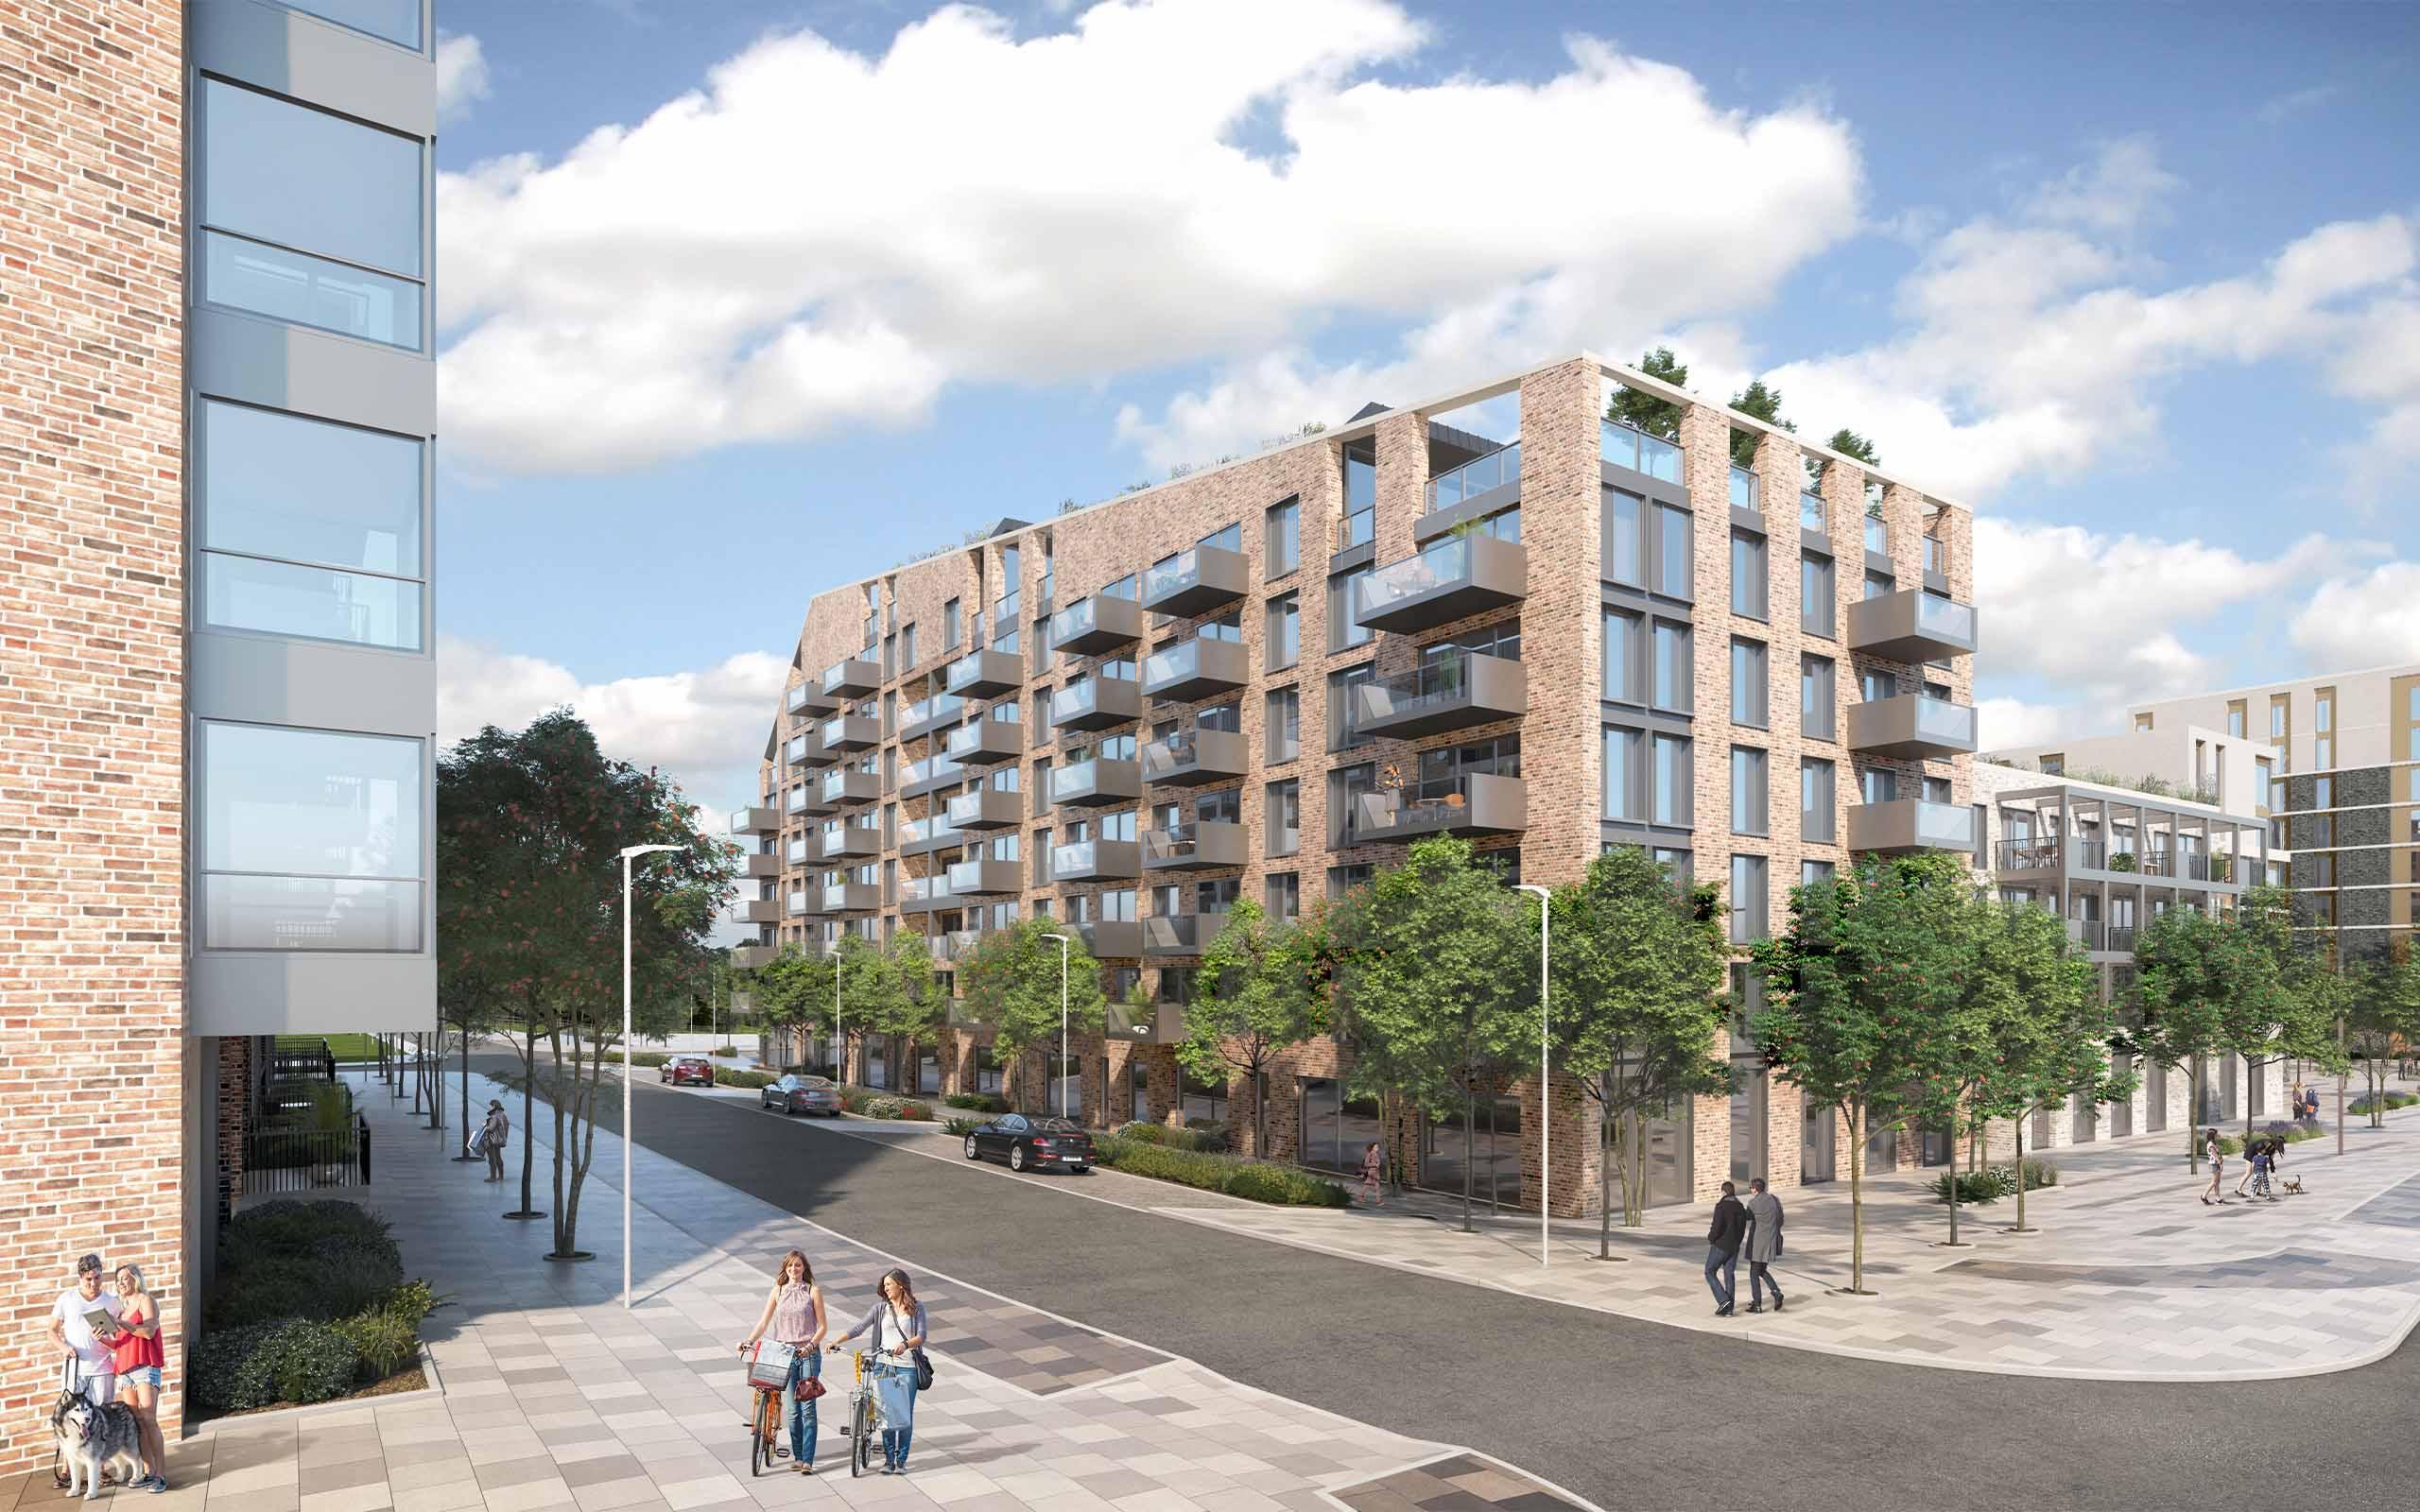 841-Units-at-Belgard-Gardens-Tallaght.-3D-Visualisation-by-3D-Design-Bureau.